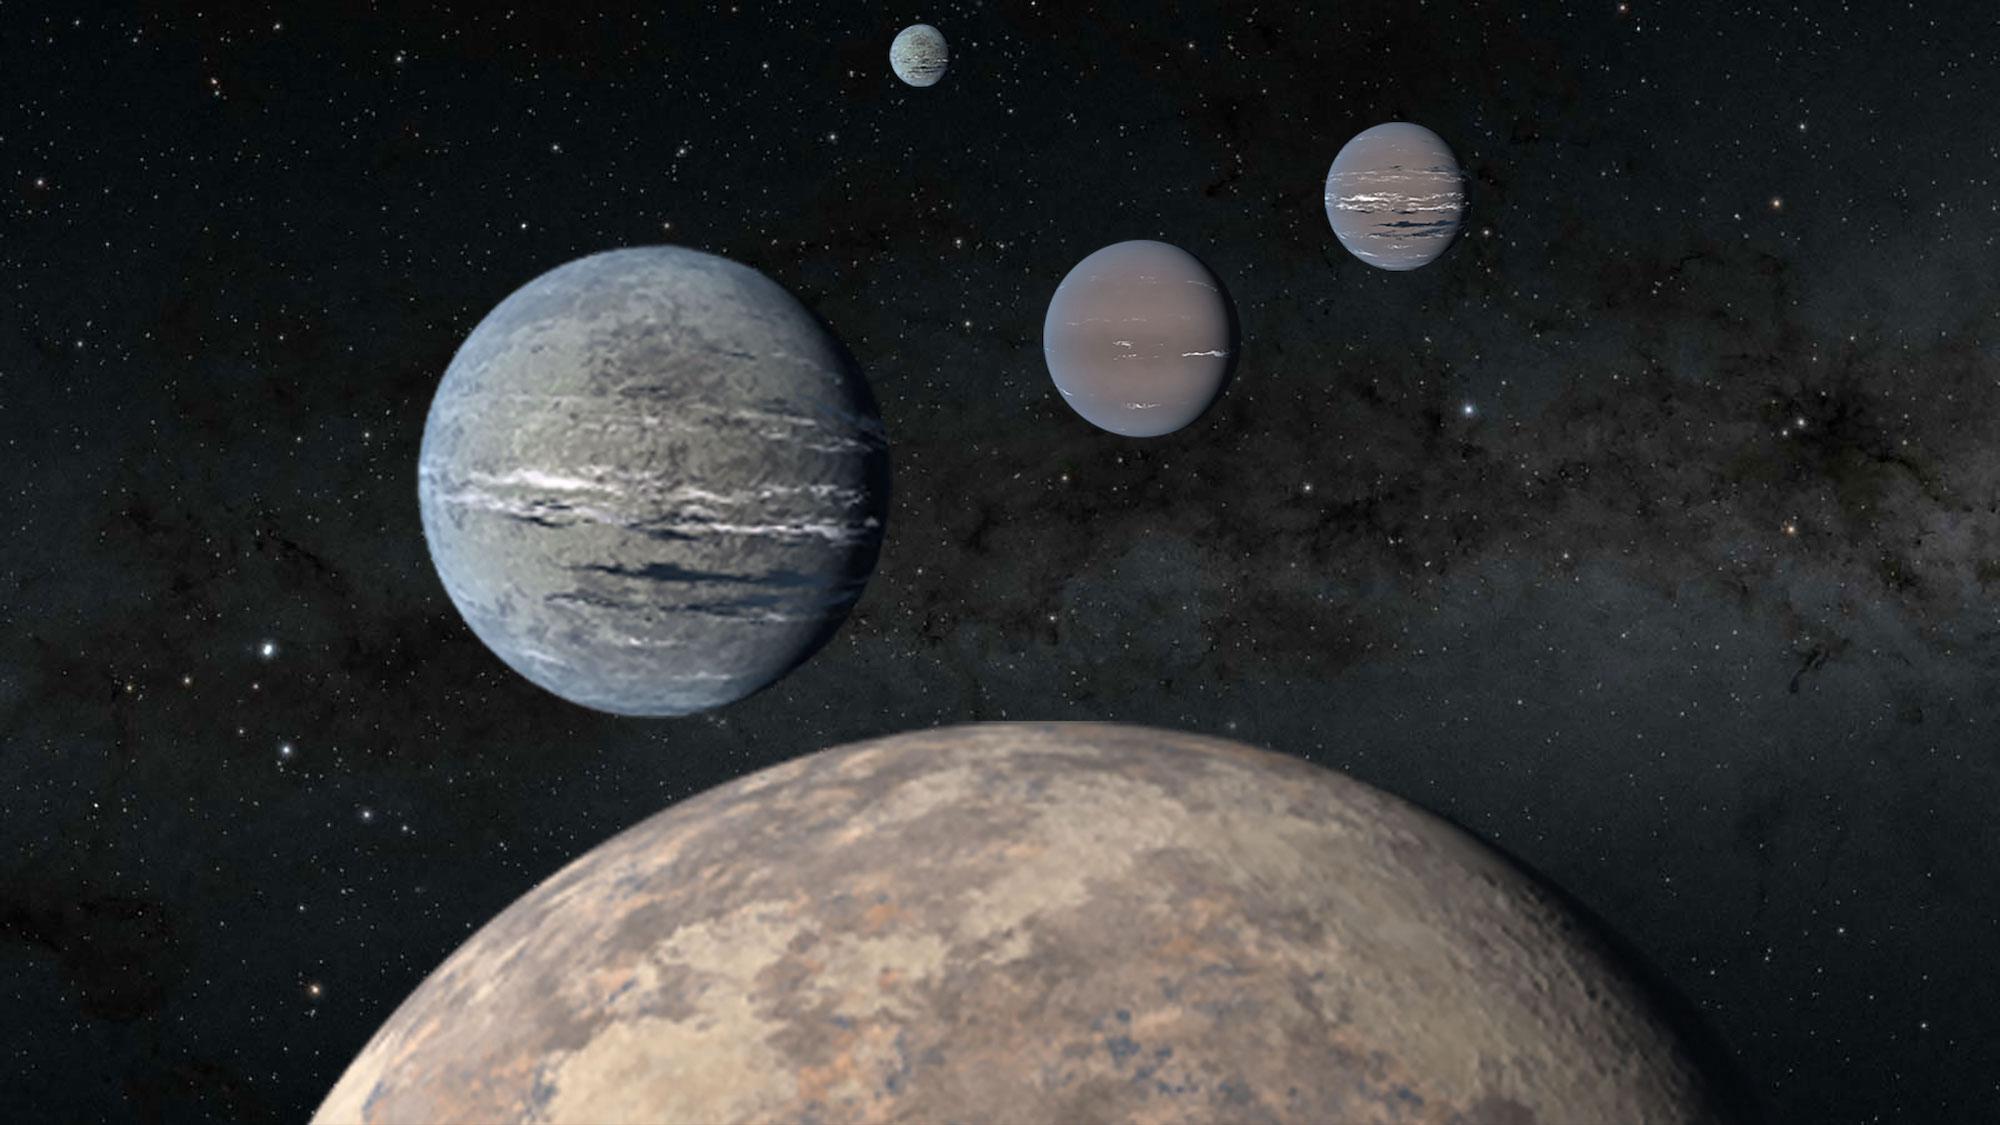 位於恆星TOI-1233系統內的四顆行星的藝術假想圖。(NASA/JPL-CALTECH)